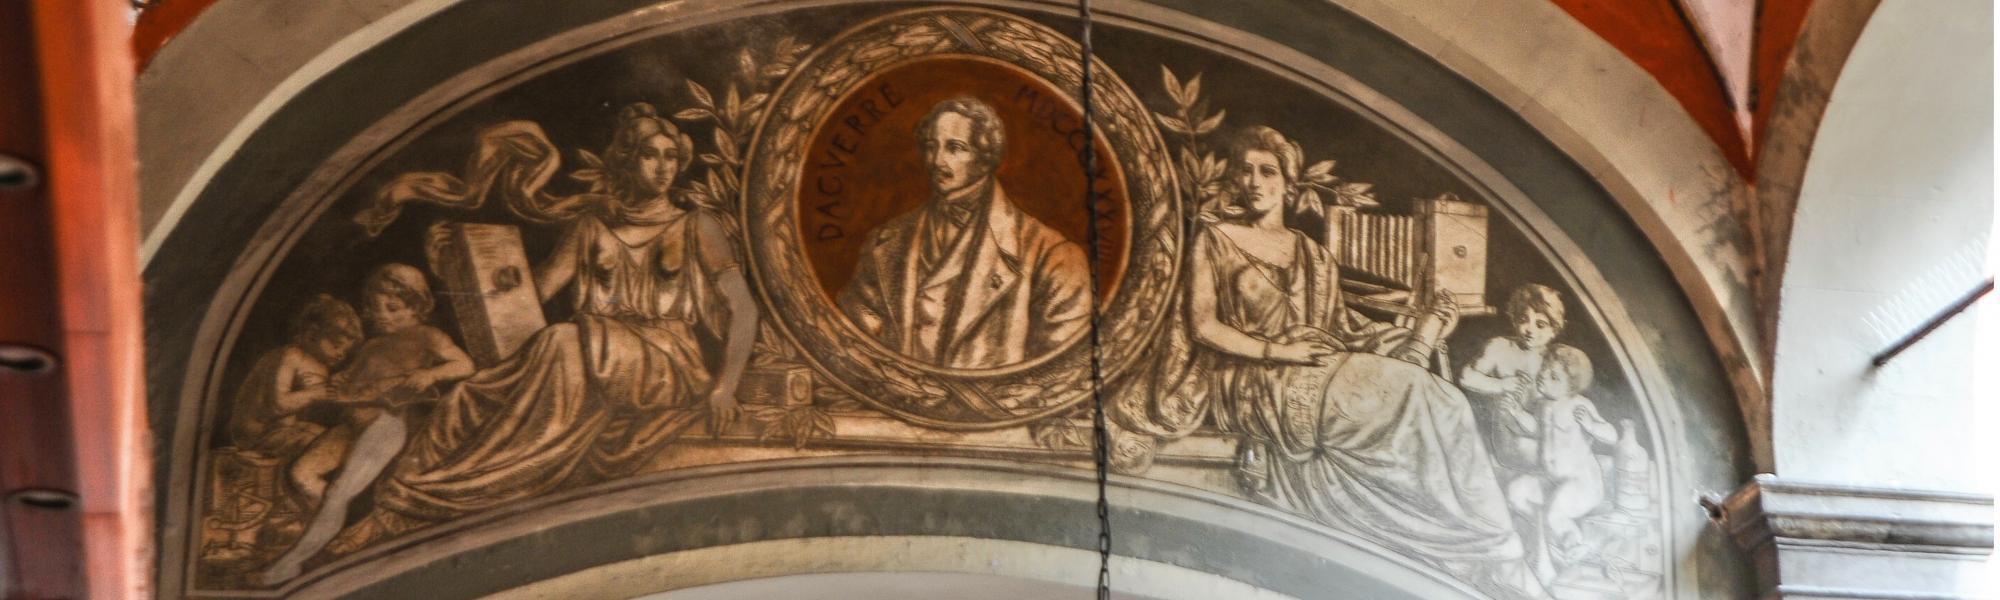 Affresco di Louis Jacques Mandé Daguerre (M. Pileri)